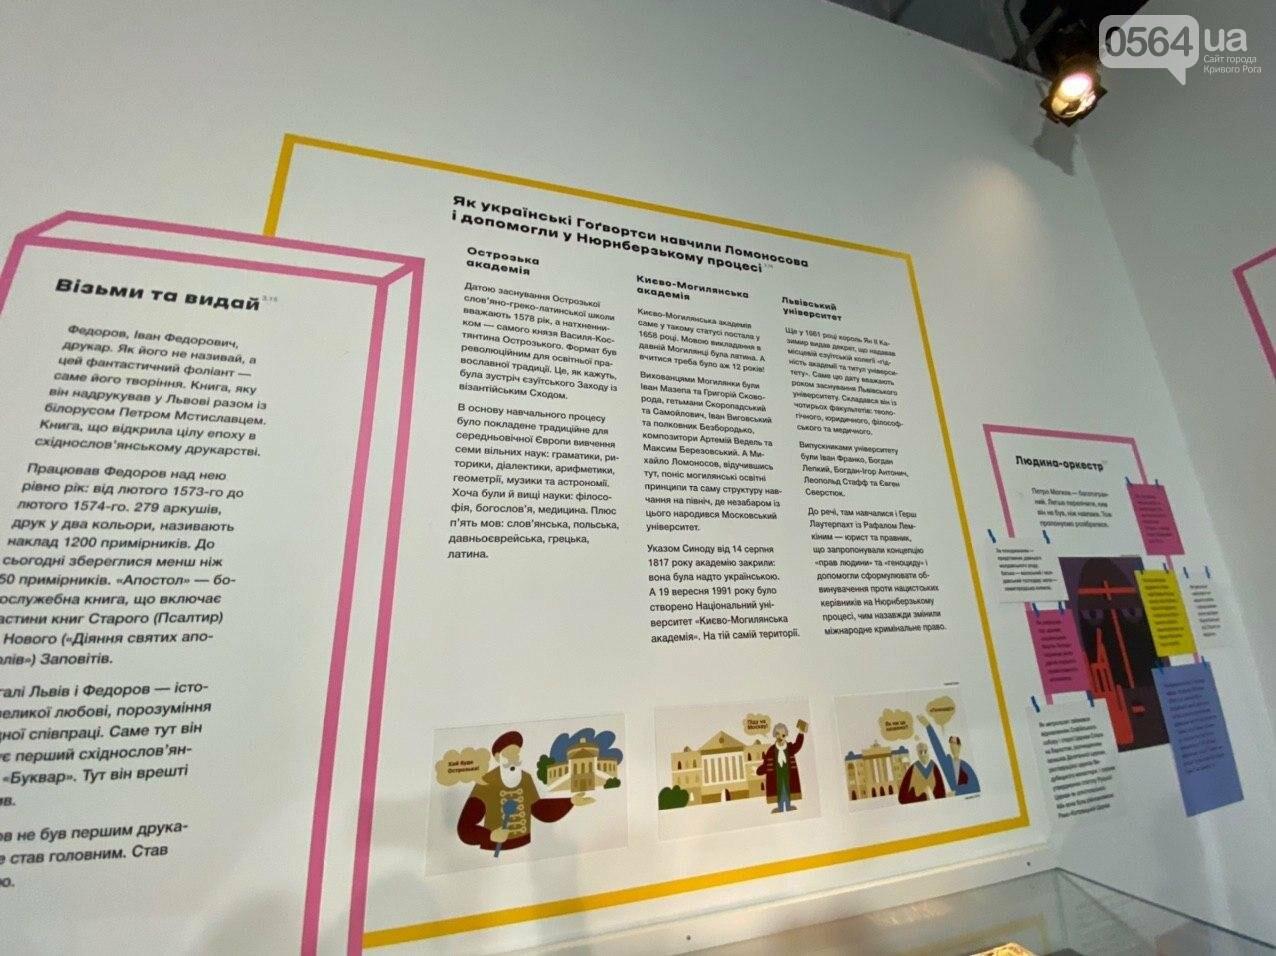 Ukraine WOW: что можно было узнать о Кривом Роге на интерактивной выставке, - ФОТО , фото-32